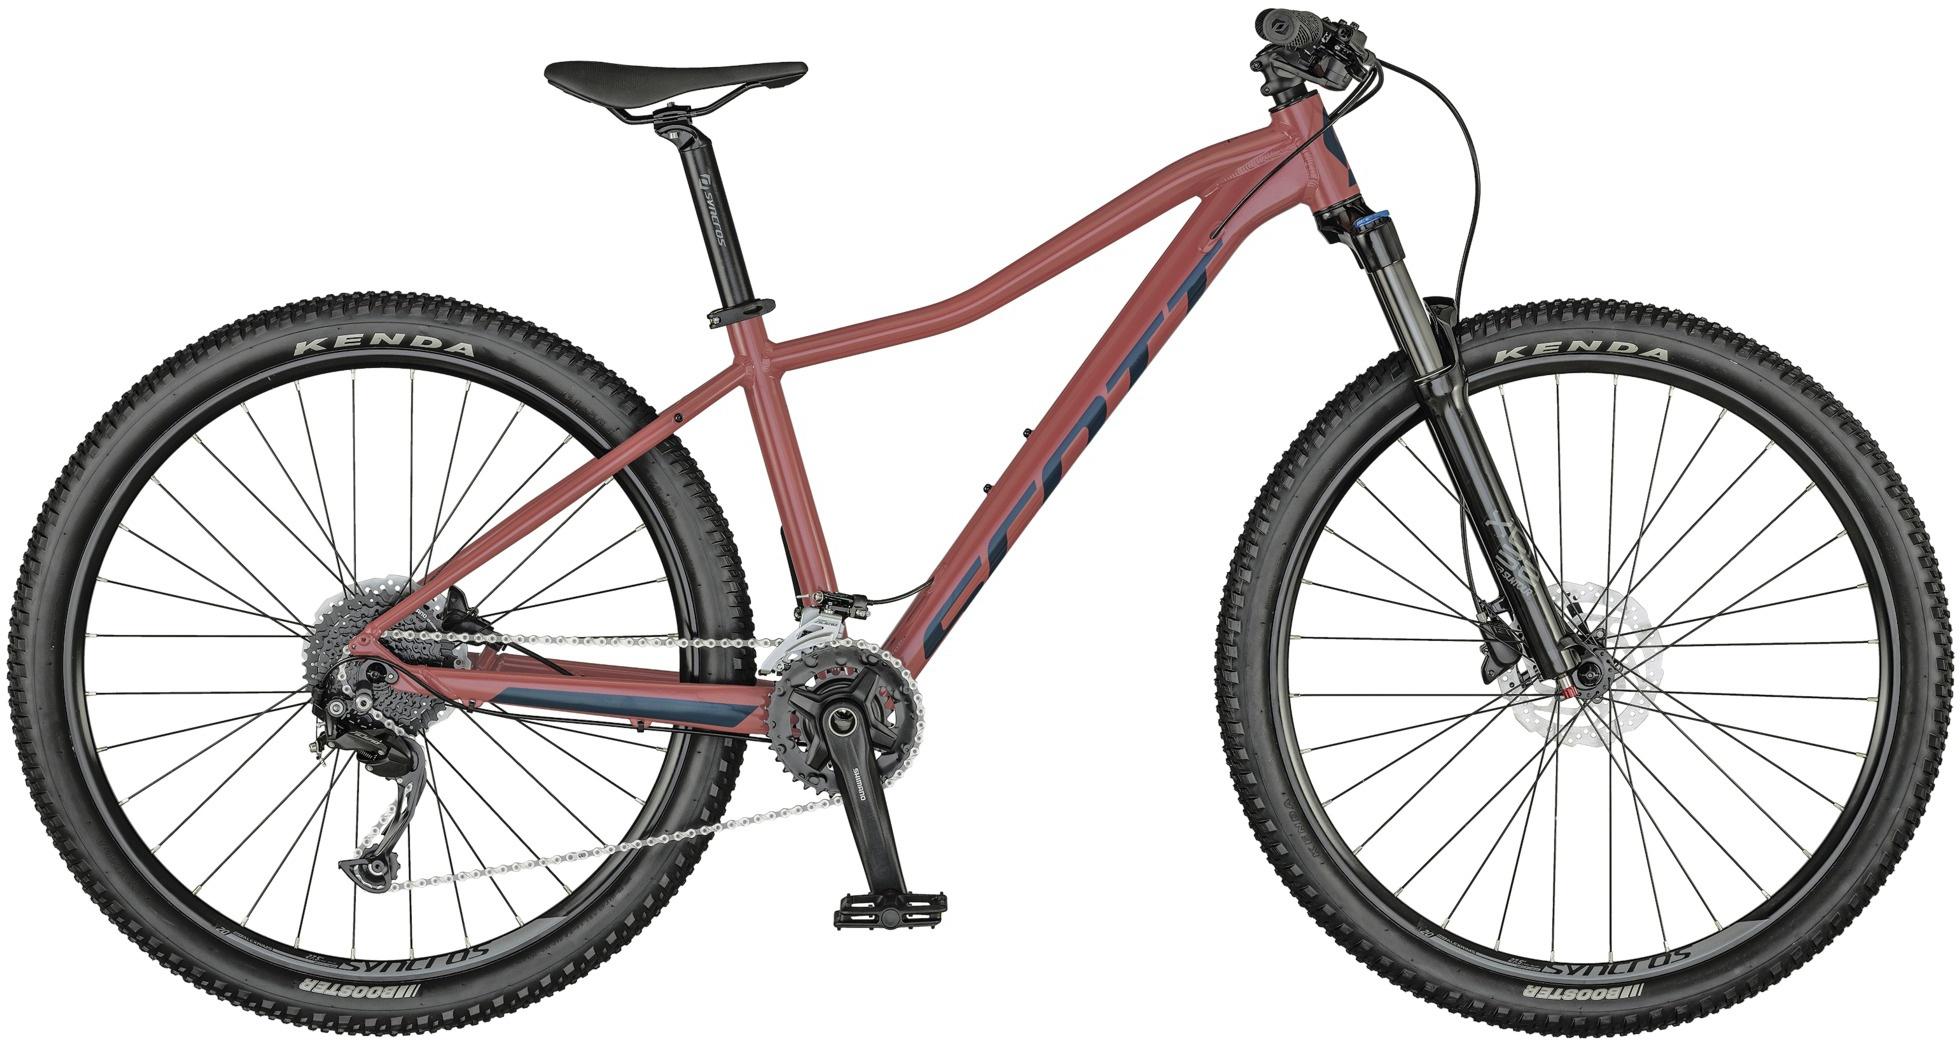 Cykler Havit Tws True Wireless Earbuds Cykel Tilbehør